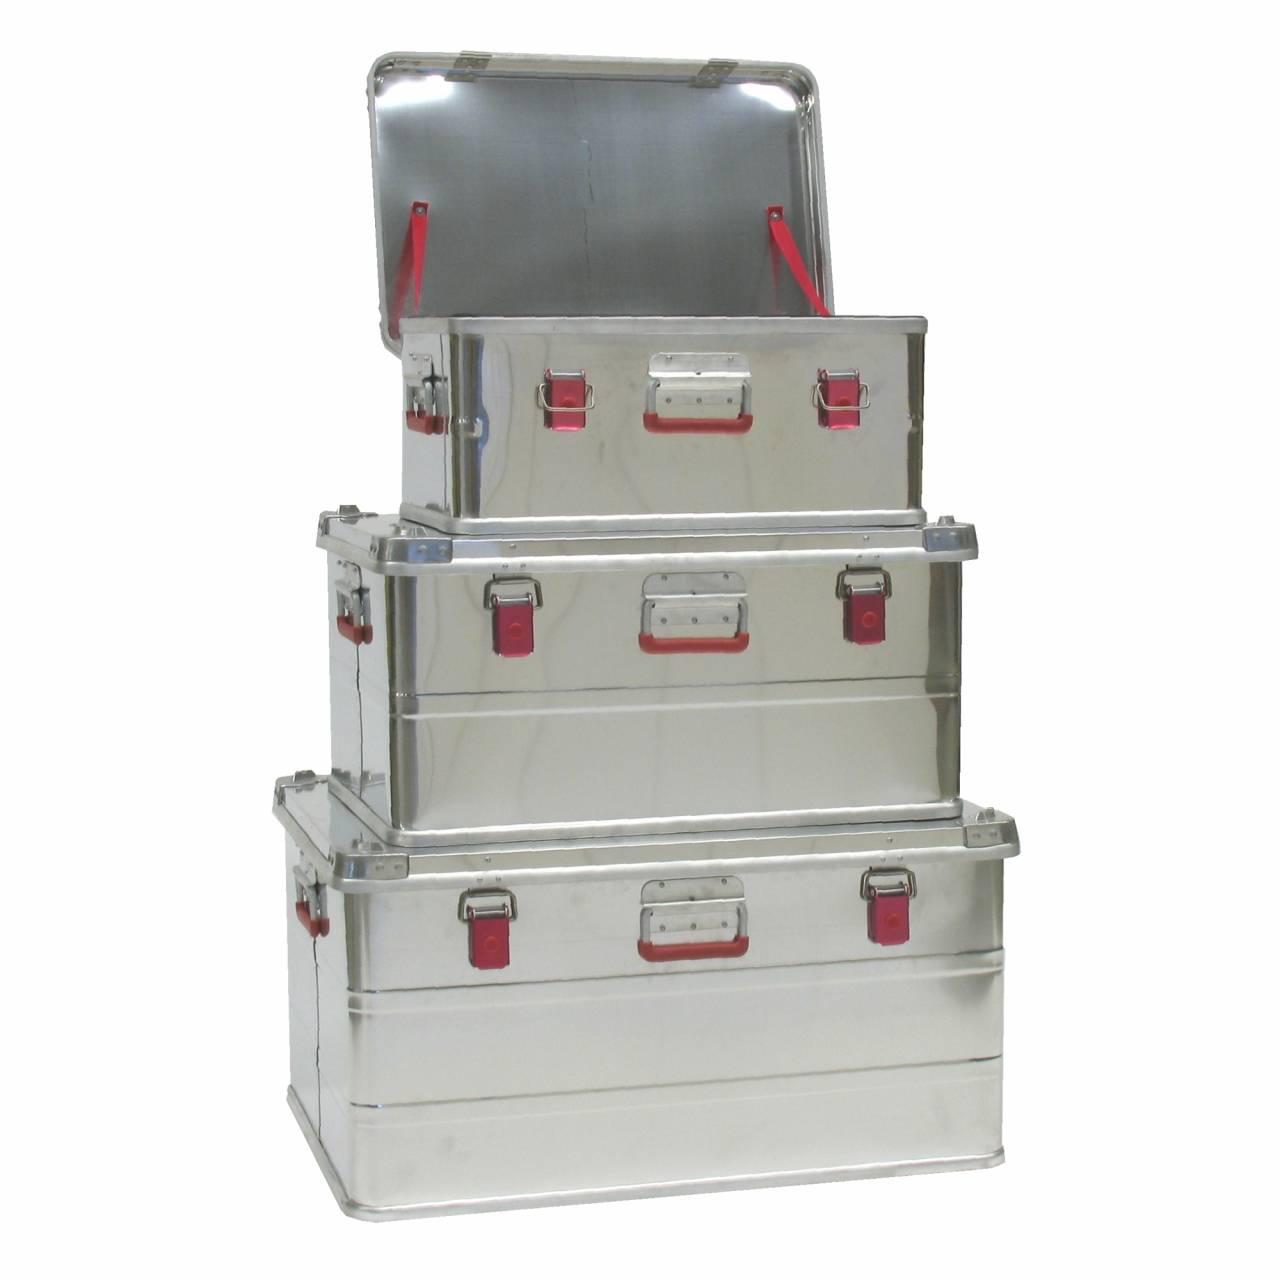 Alu-Werkzeugboxen-Set 'Industry-1' / Set a 3 Boxen